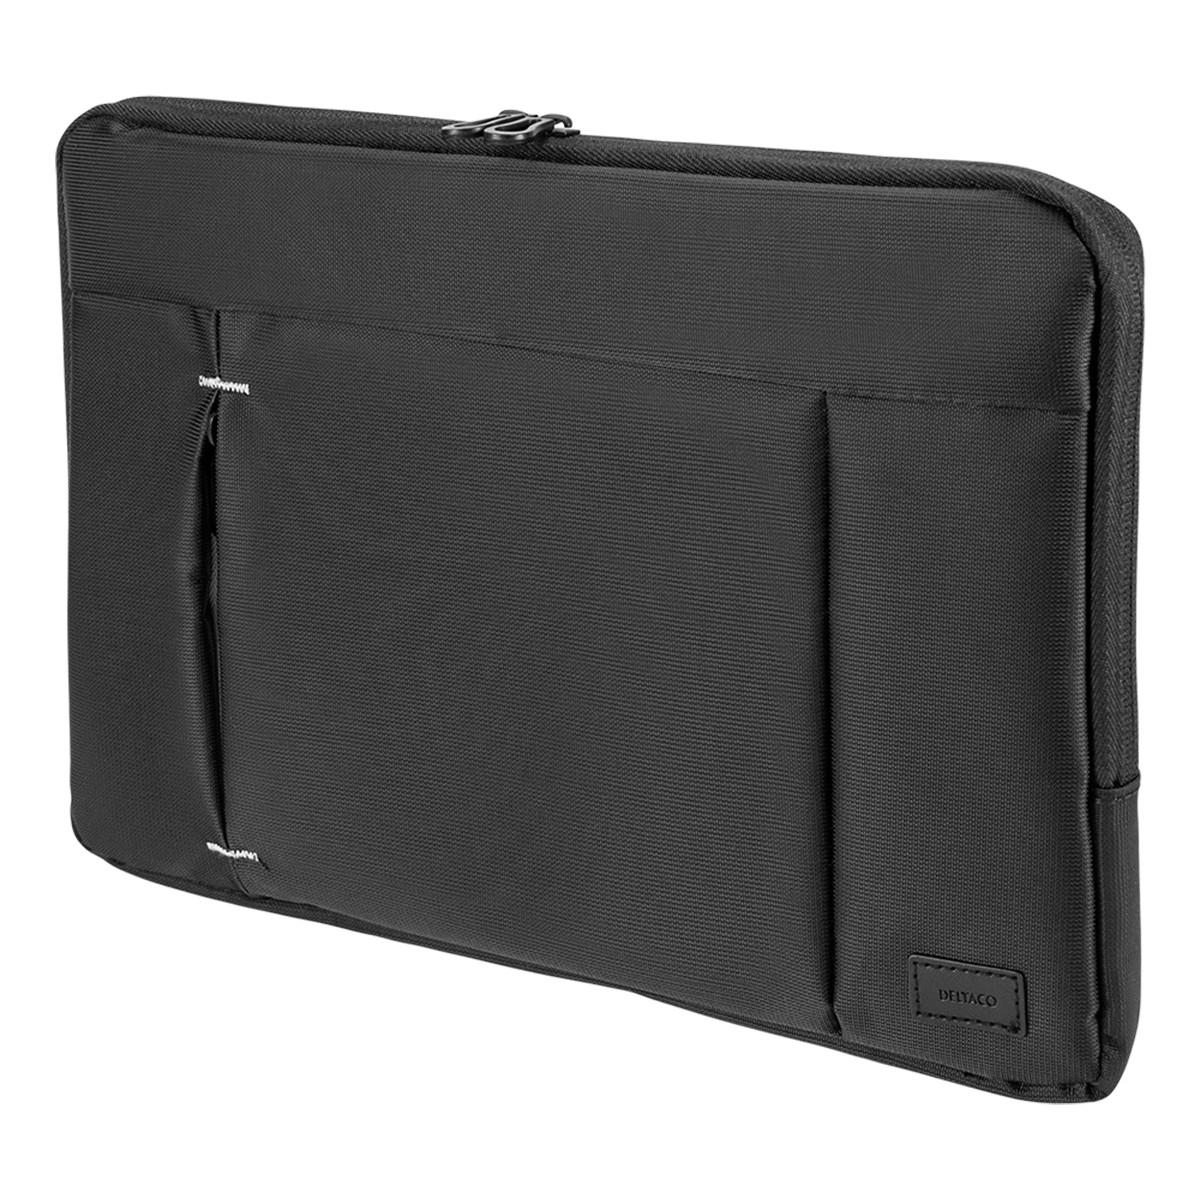 Deltaco Laptopfodral för laptops upp till 12 tum, svart